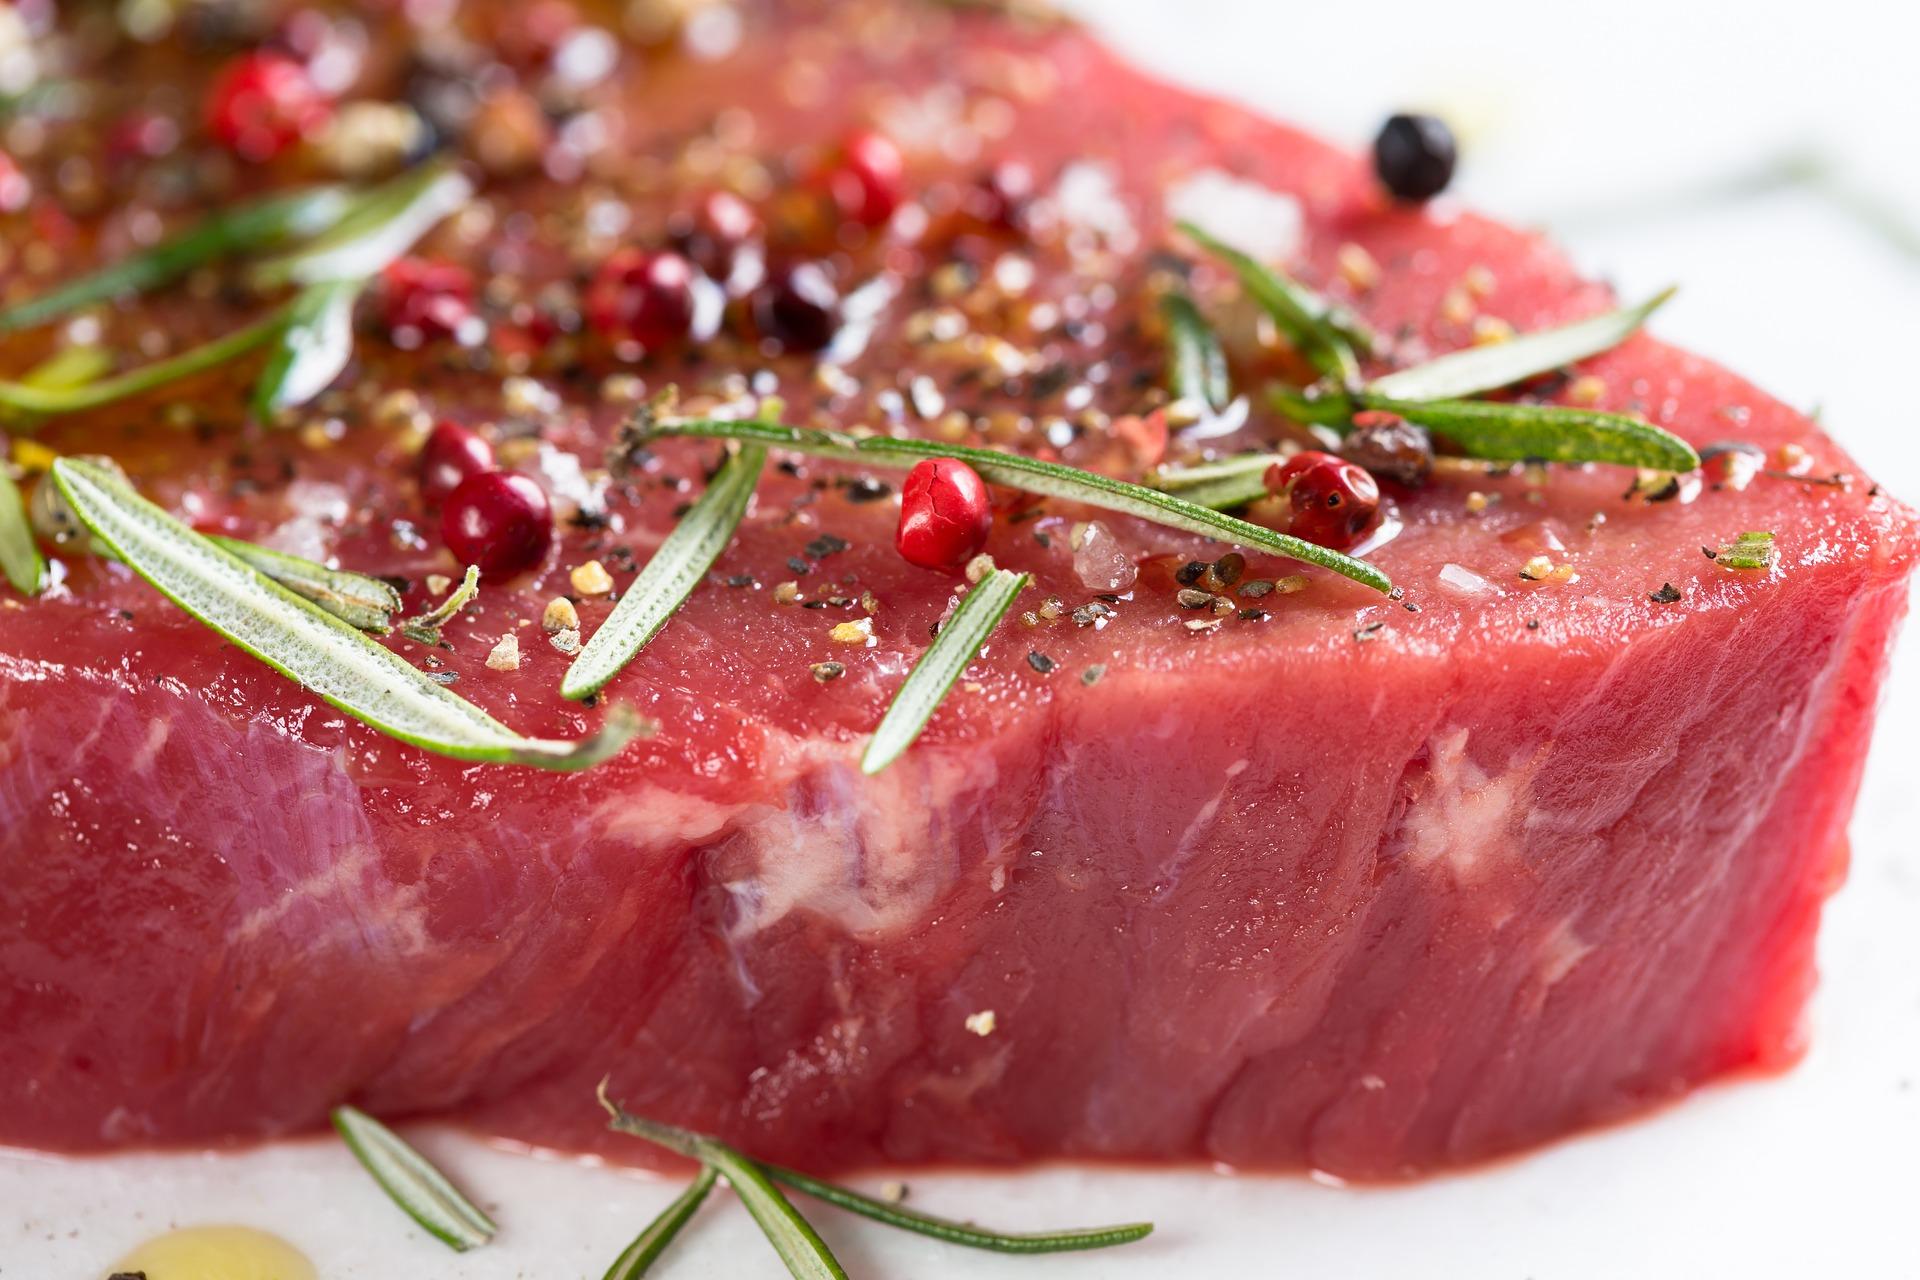 calorie viande hachée 5 continuer à cette façon